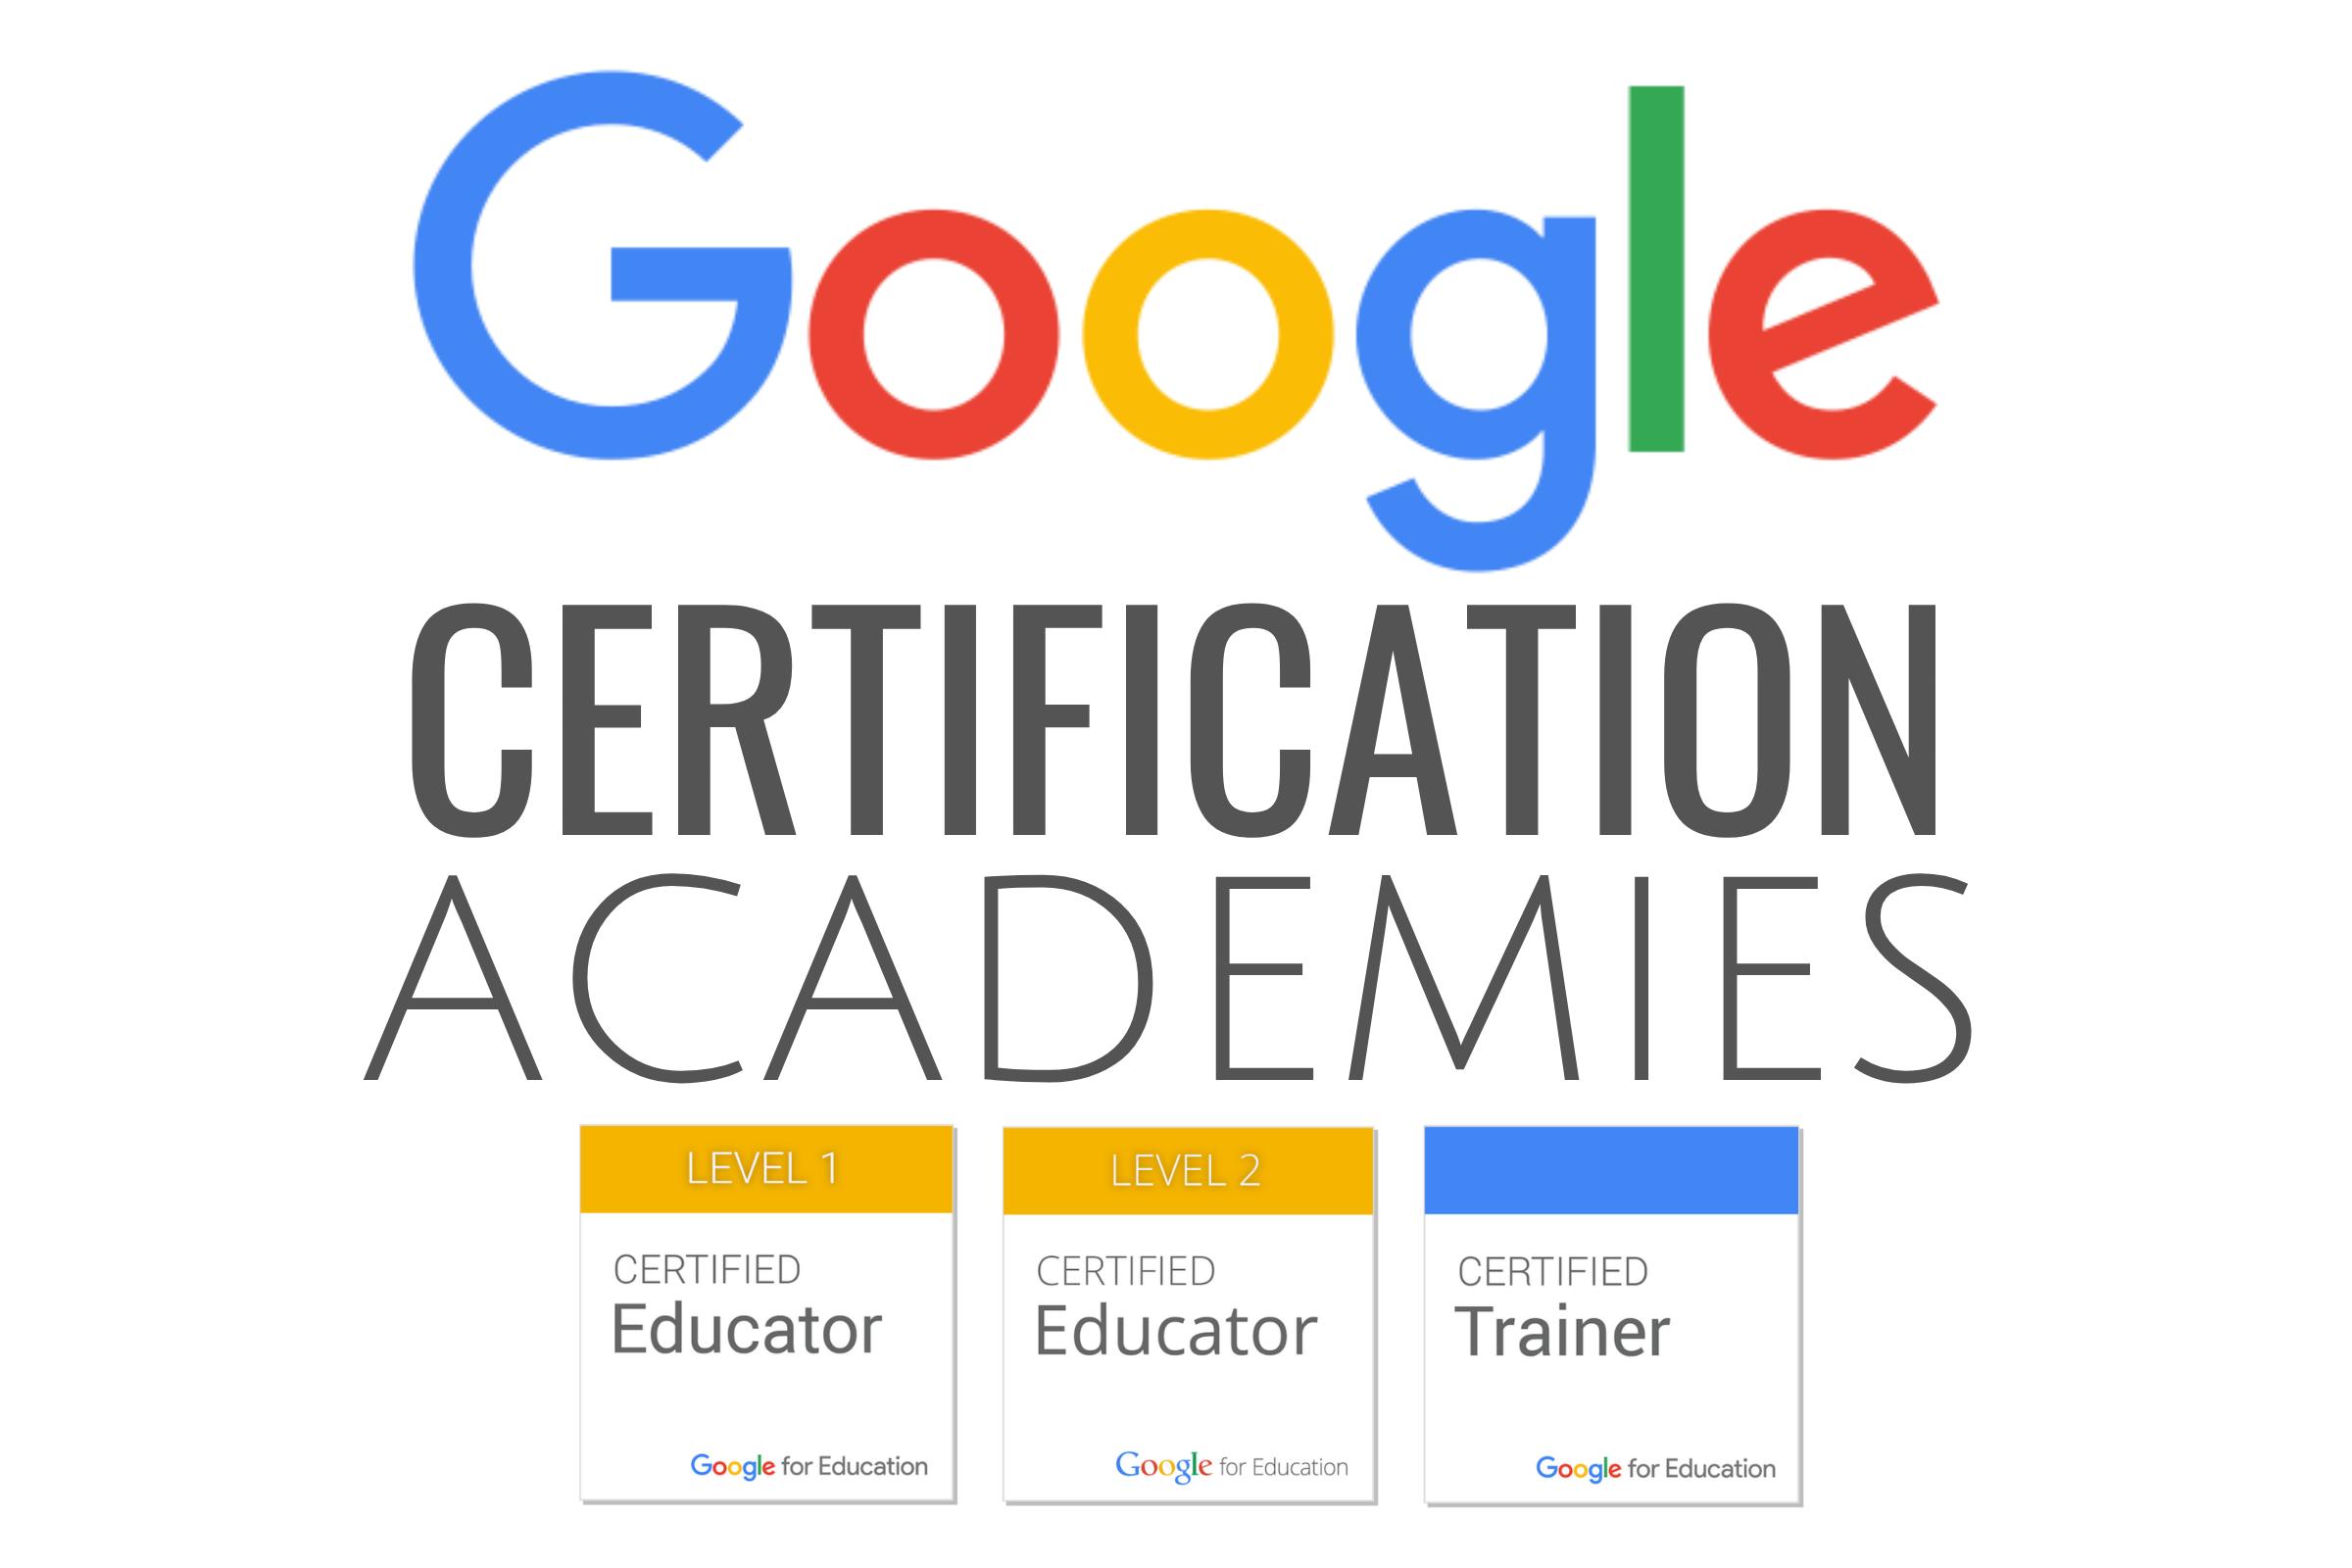 Google Certification Academies